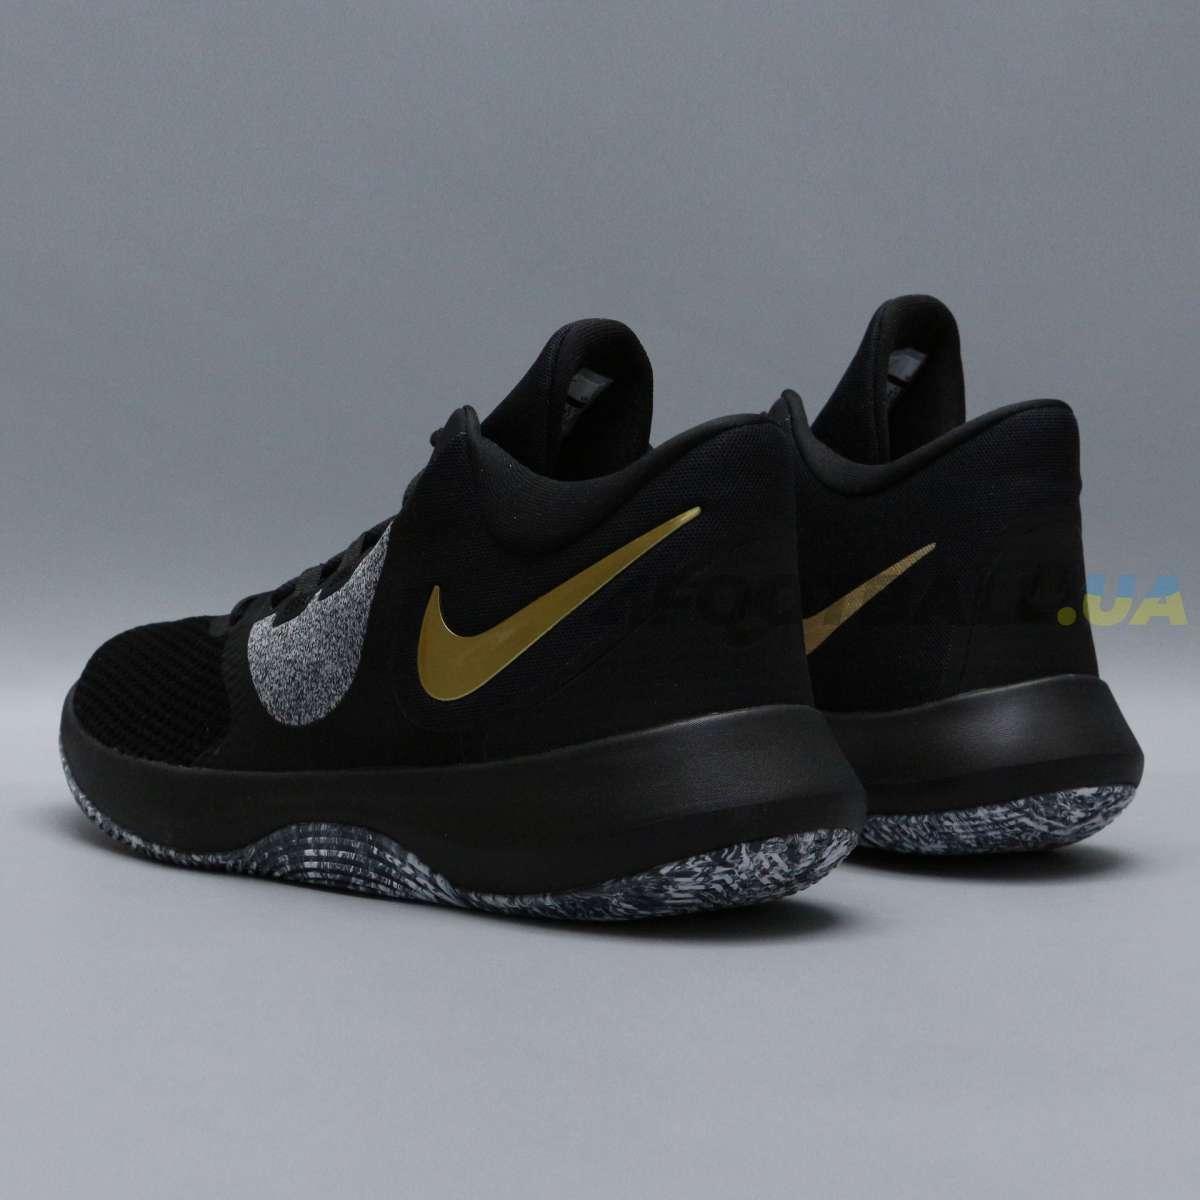 e062c78d Баскетбольные кроссовки Nike Air Precision II AA7069-090 купить на ...